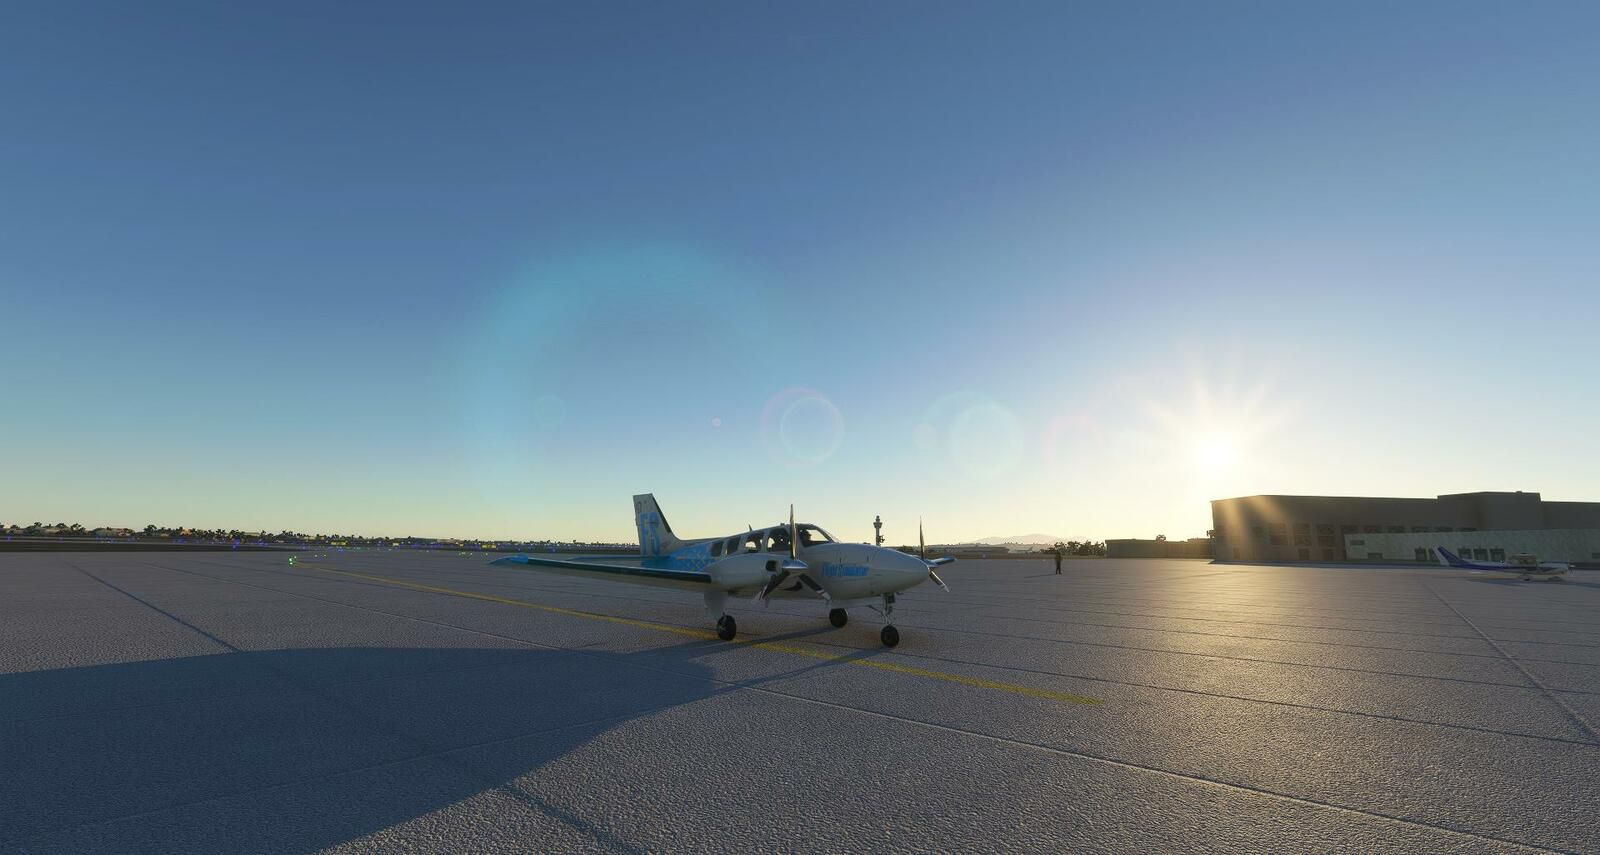 Le Baron 58 restera 24h00 de plus sur le tarmac de l'aéroport international de Hualien...